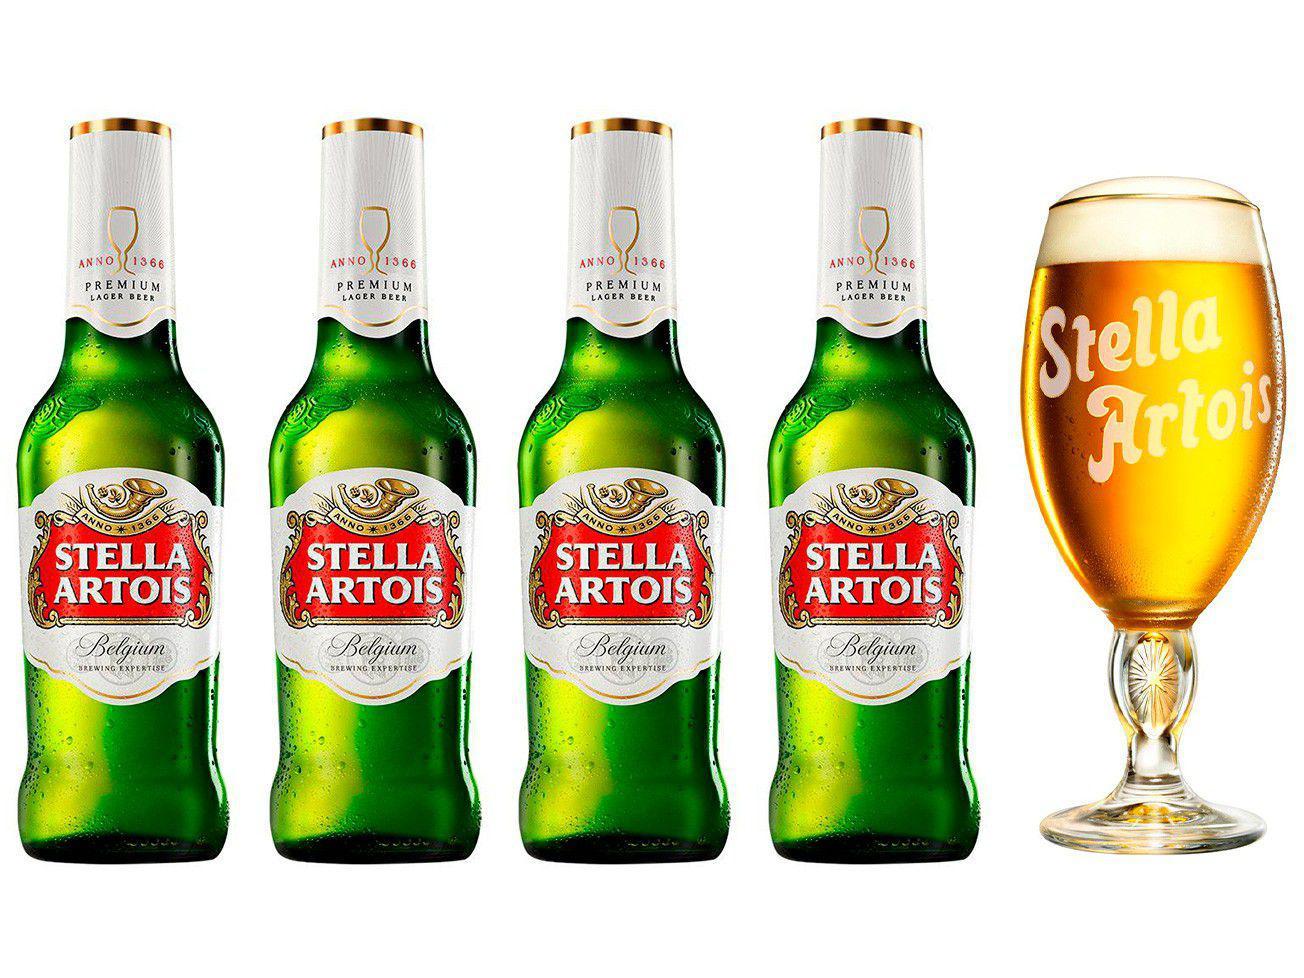 Kit Cerveja Stella Artois Cálice Vintage Premium - 4 Unidades de 275ml com 1 Cálice